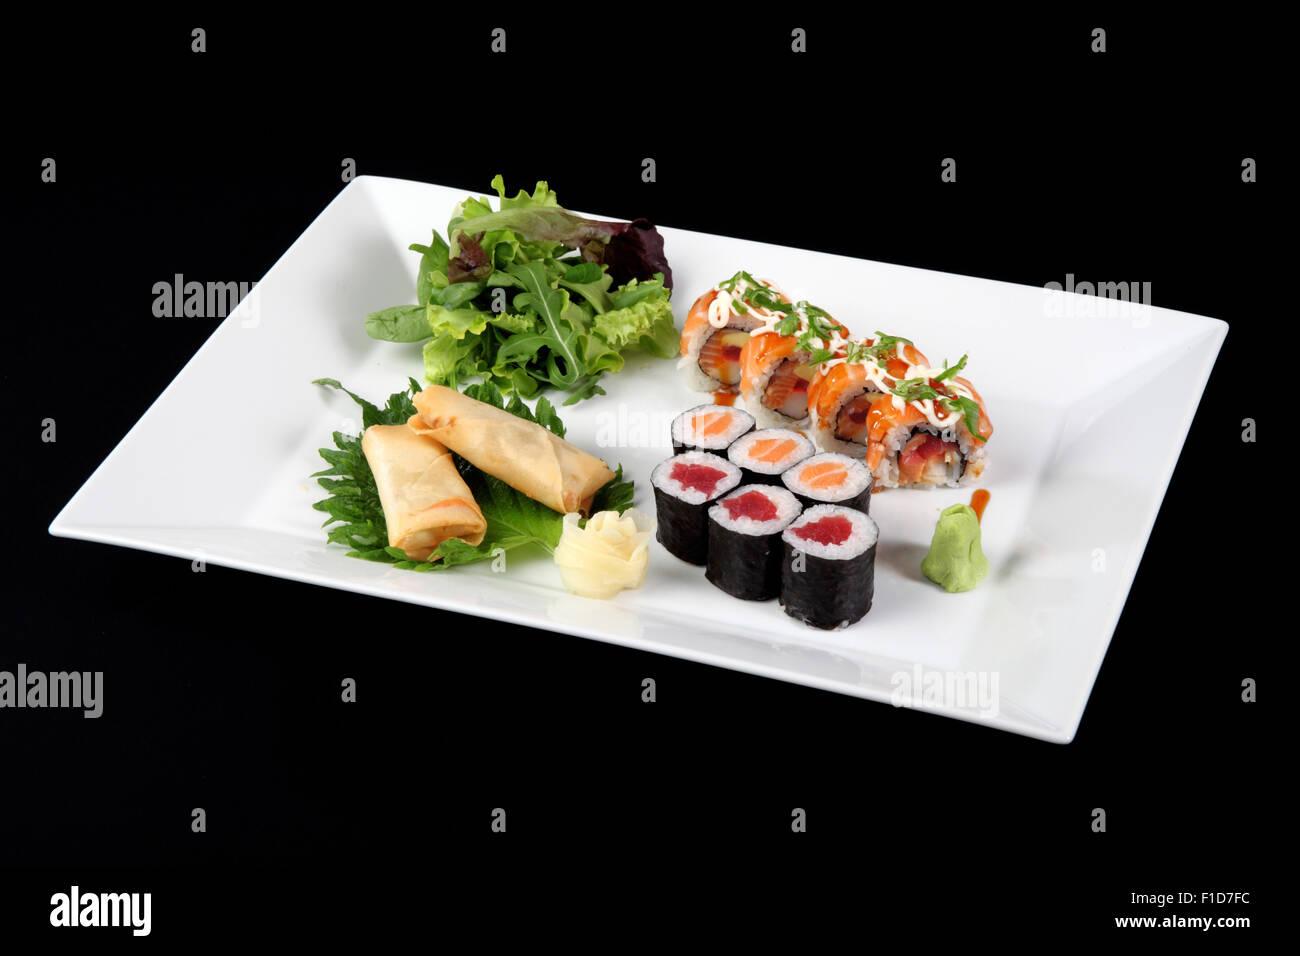 Menu di sushi e roll pesce con verdure e wasabi sulla piastra di bianco su nero Immagini Stock